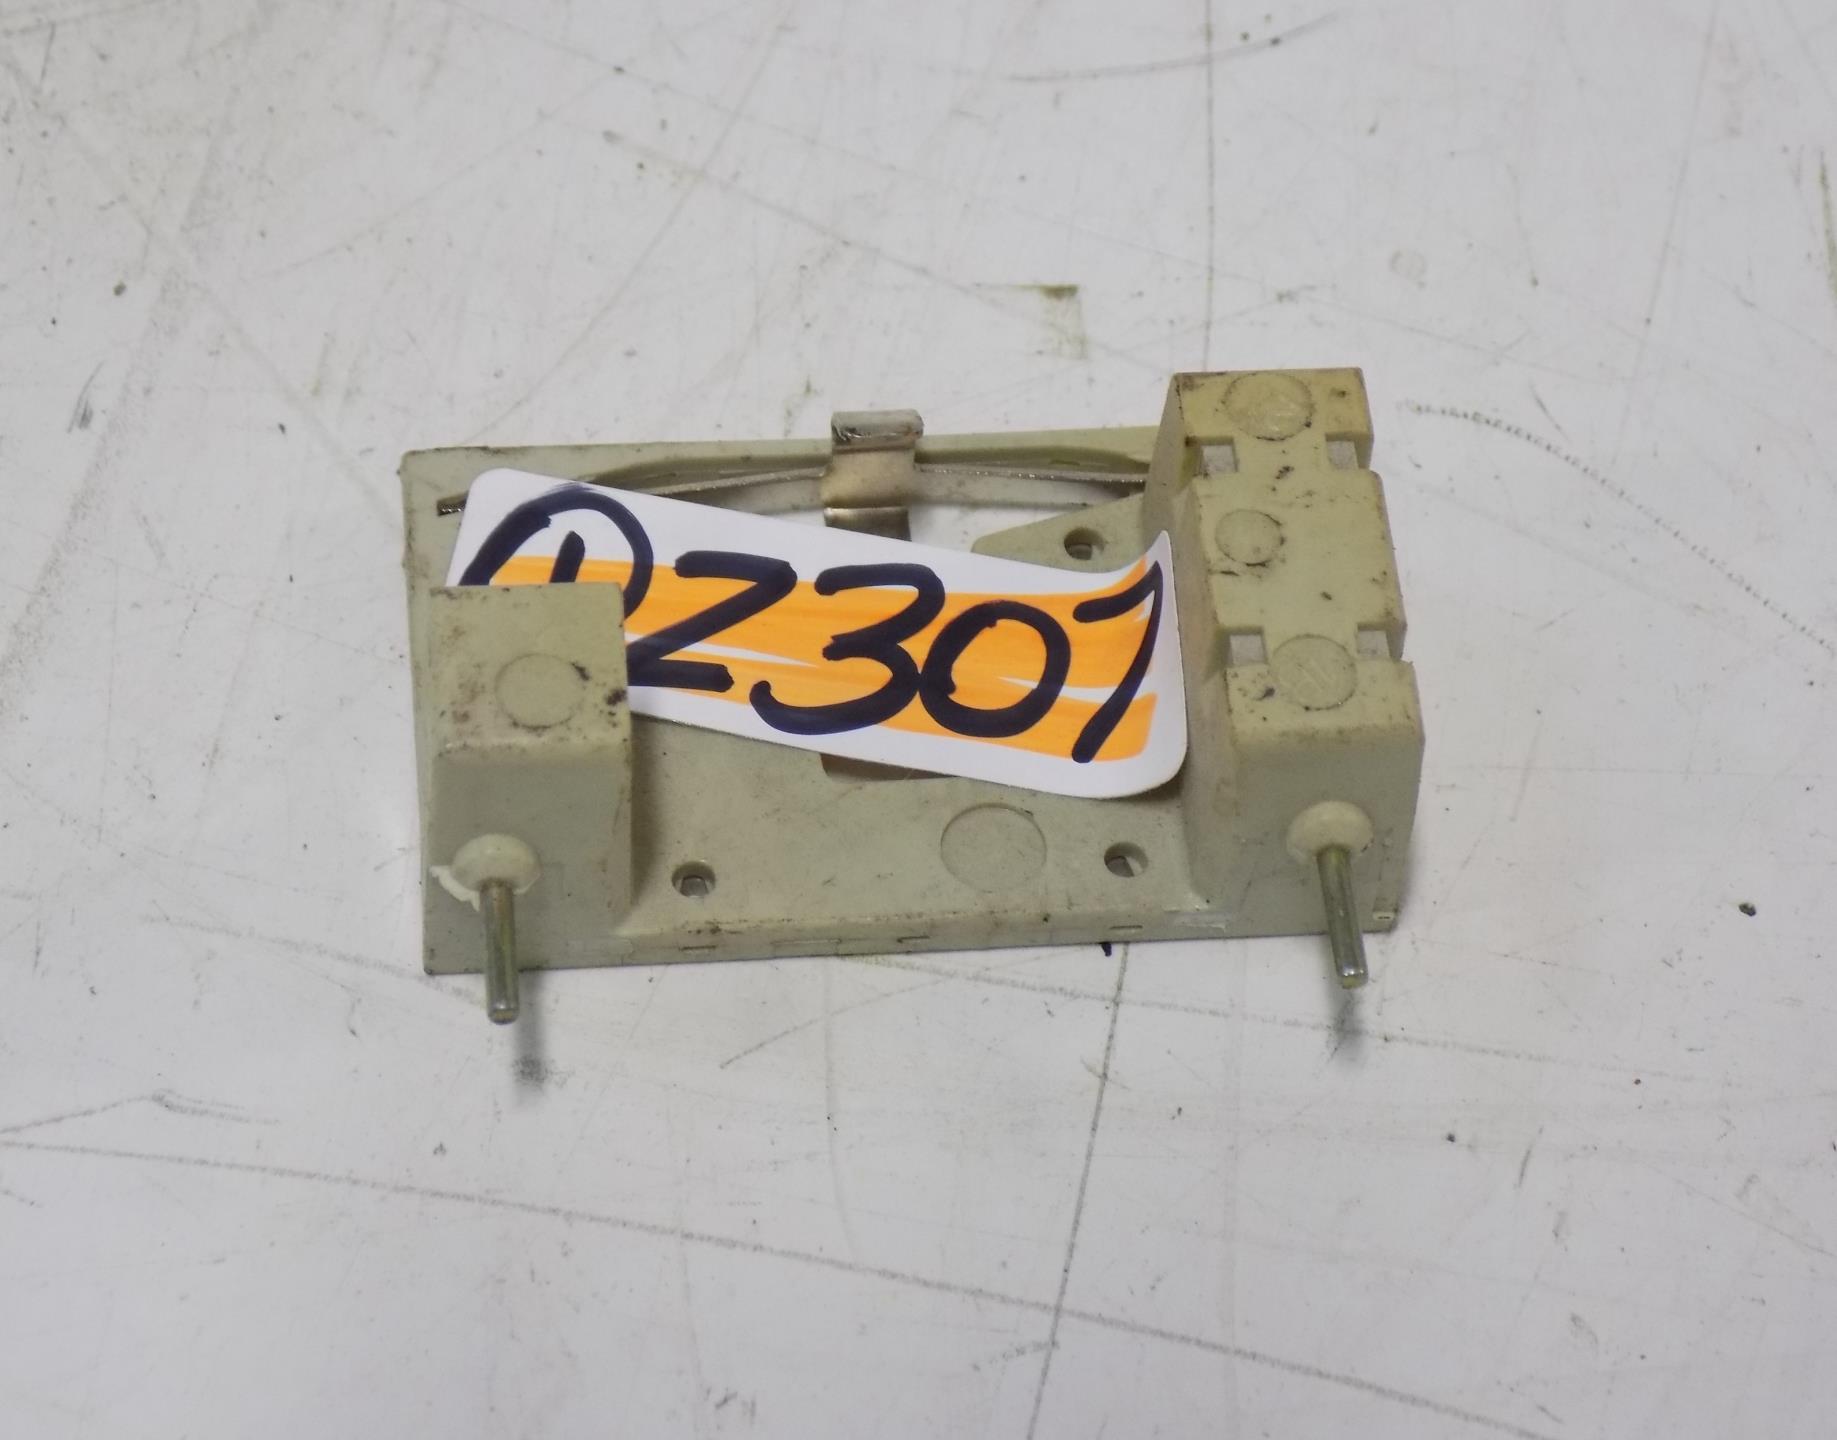 NEW TELEMECANIQUE LA4-DA2G COIL SUPPRESSOR MODULE 50-127V AC EFCO 5543